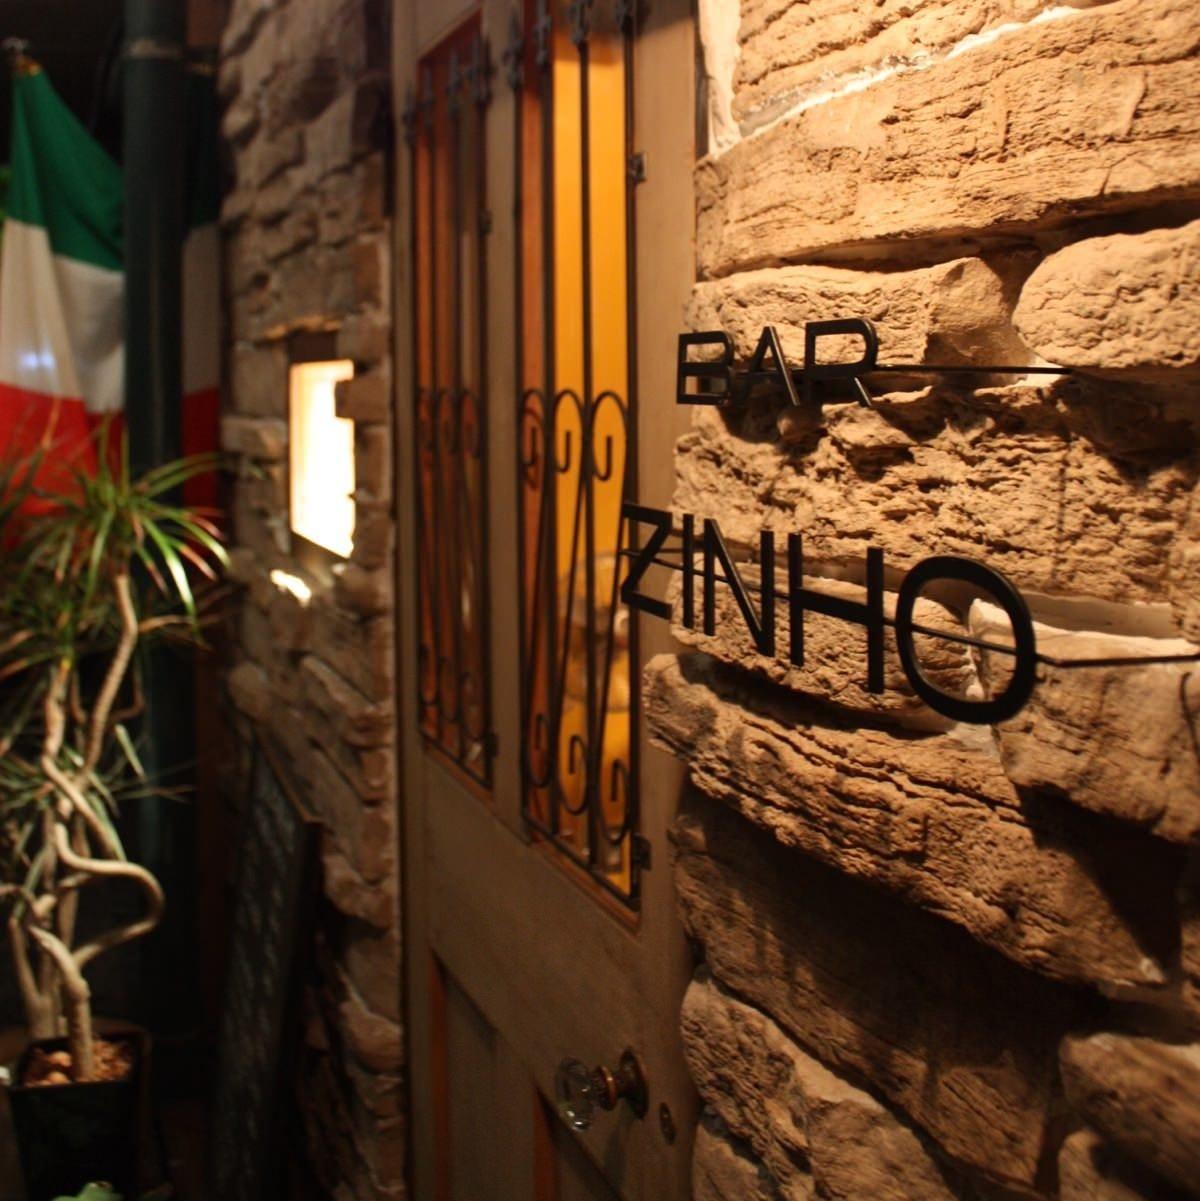 イタリア酒場 バール ジーニョ